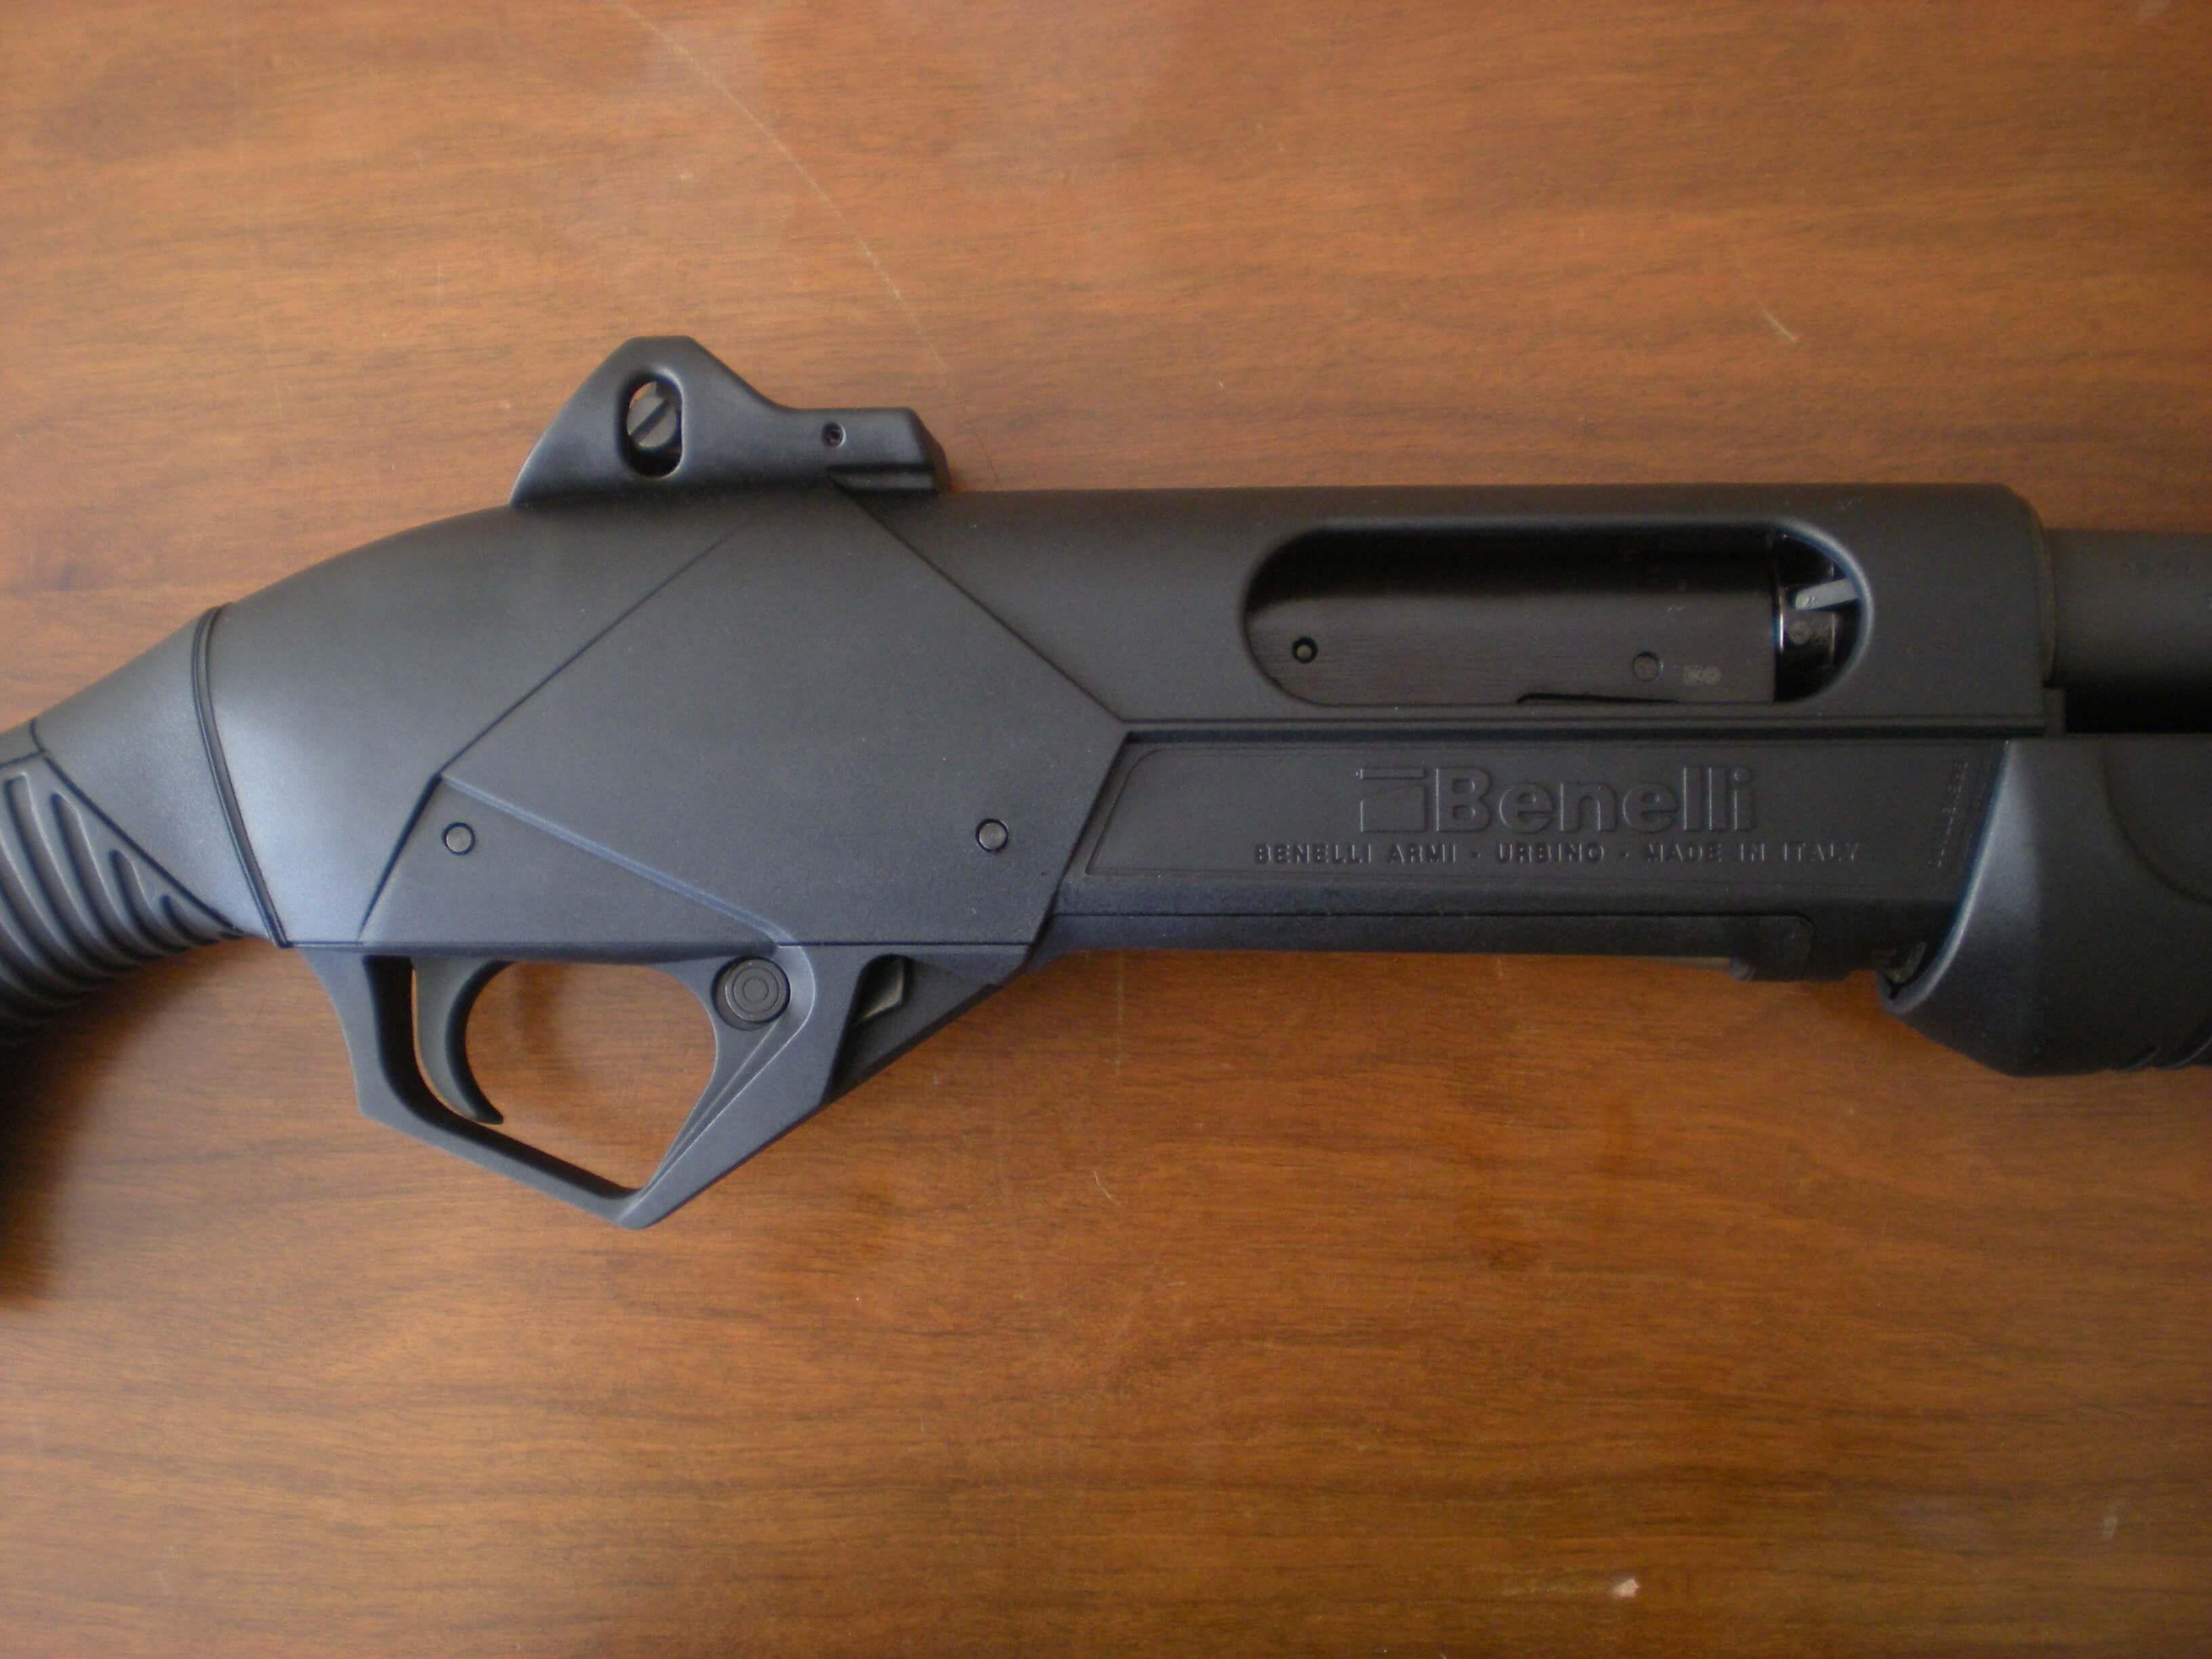 bsn-tactical-ayrintili-bakis-04